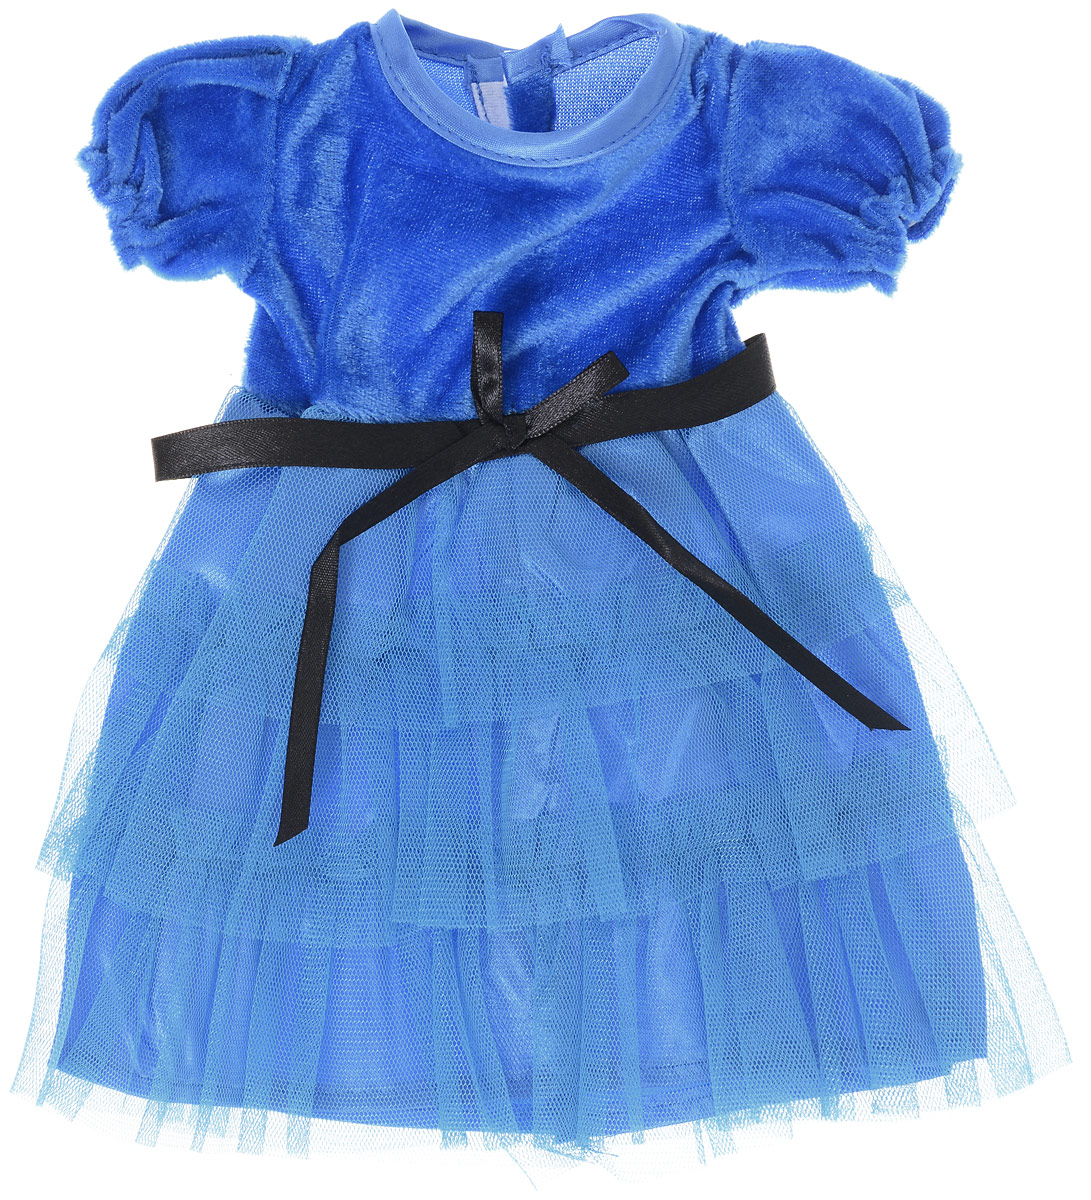 Junfa Toys Одежда для кукол Платье цвет платья синий